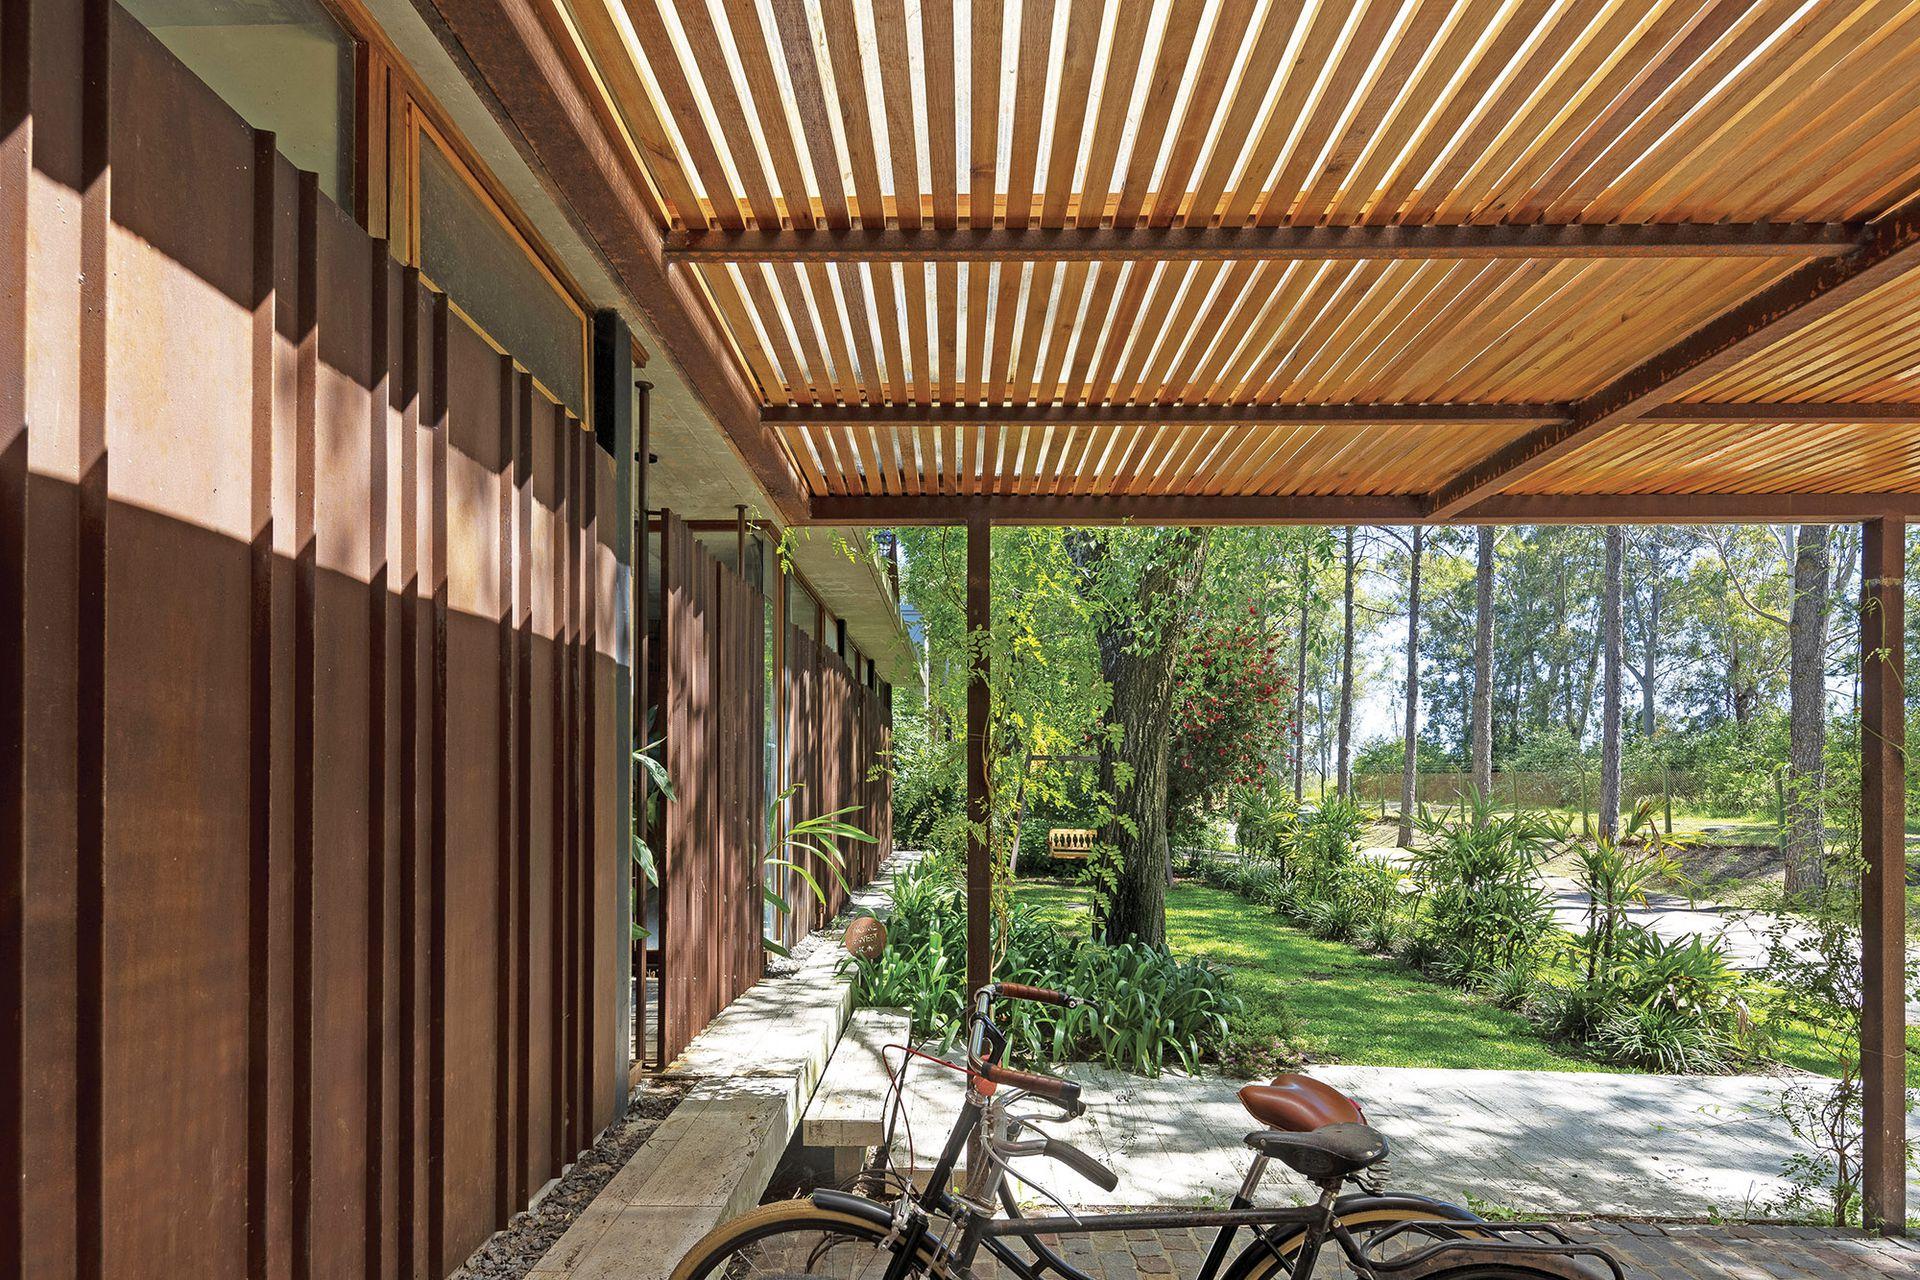 La casa tiene una infinidad de filtros de luz. Los cerramientos de chapa oxidada se cubrieron con laca, y el metal se plegó para conseguir resistencia.